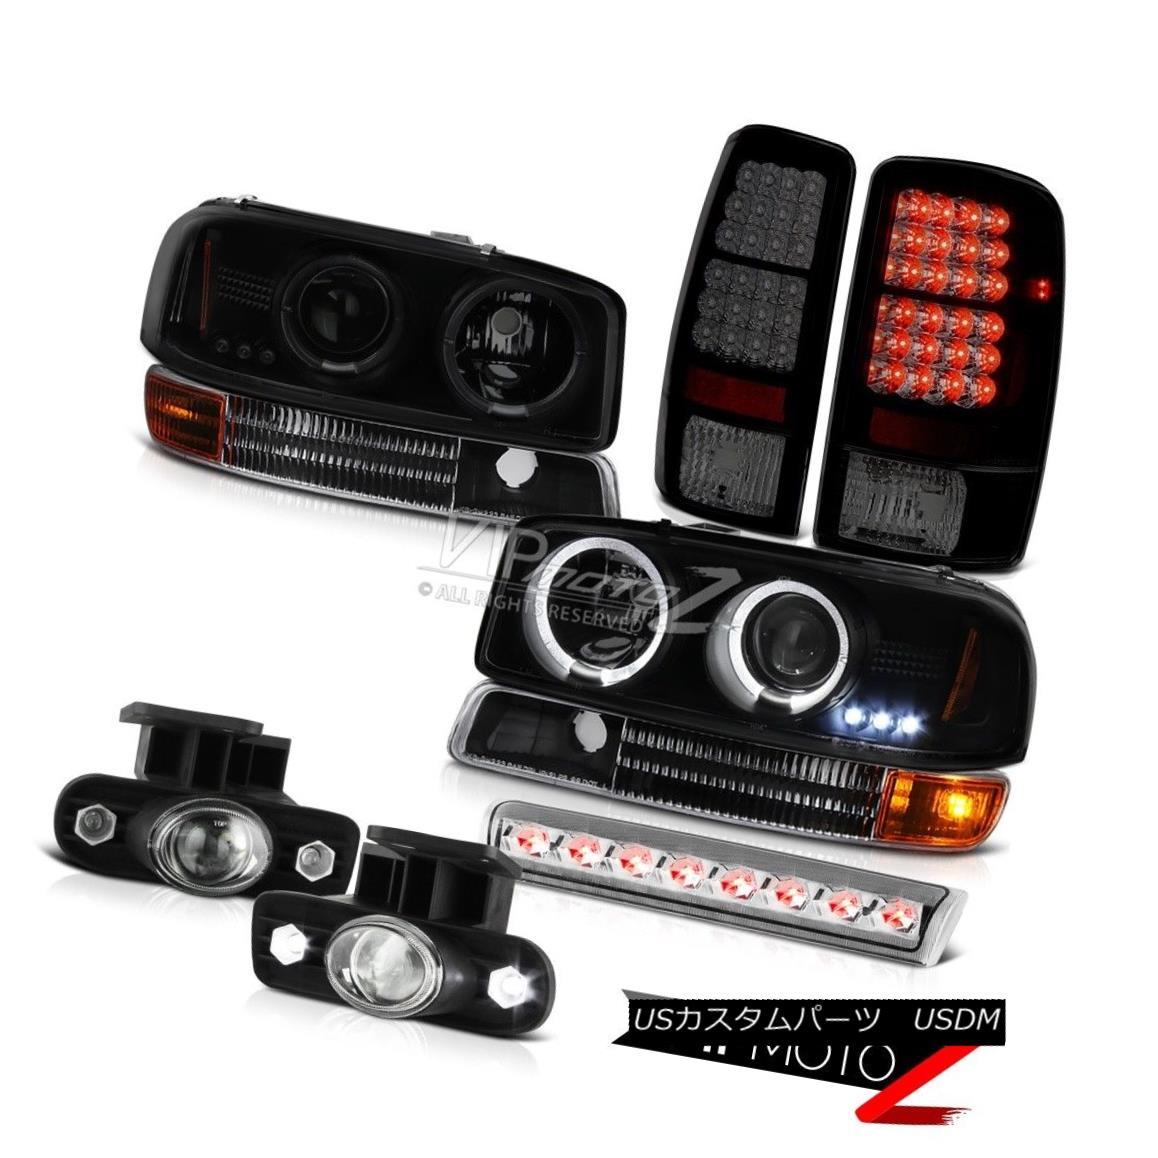 ヘッドライト 00-06 GMC Yukon Halo Headlight Bumper Sinister LED Tail Light Fog Lamp 3rd Brake 00-06 GMCユーコンヘイローヘッドライトバンパーシニスターLEDテールライトフォグランプ3rdブレーキ